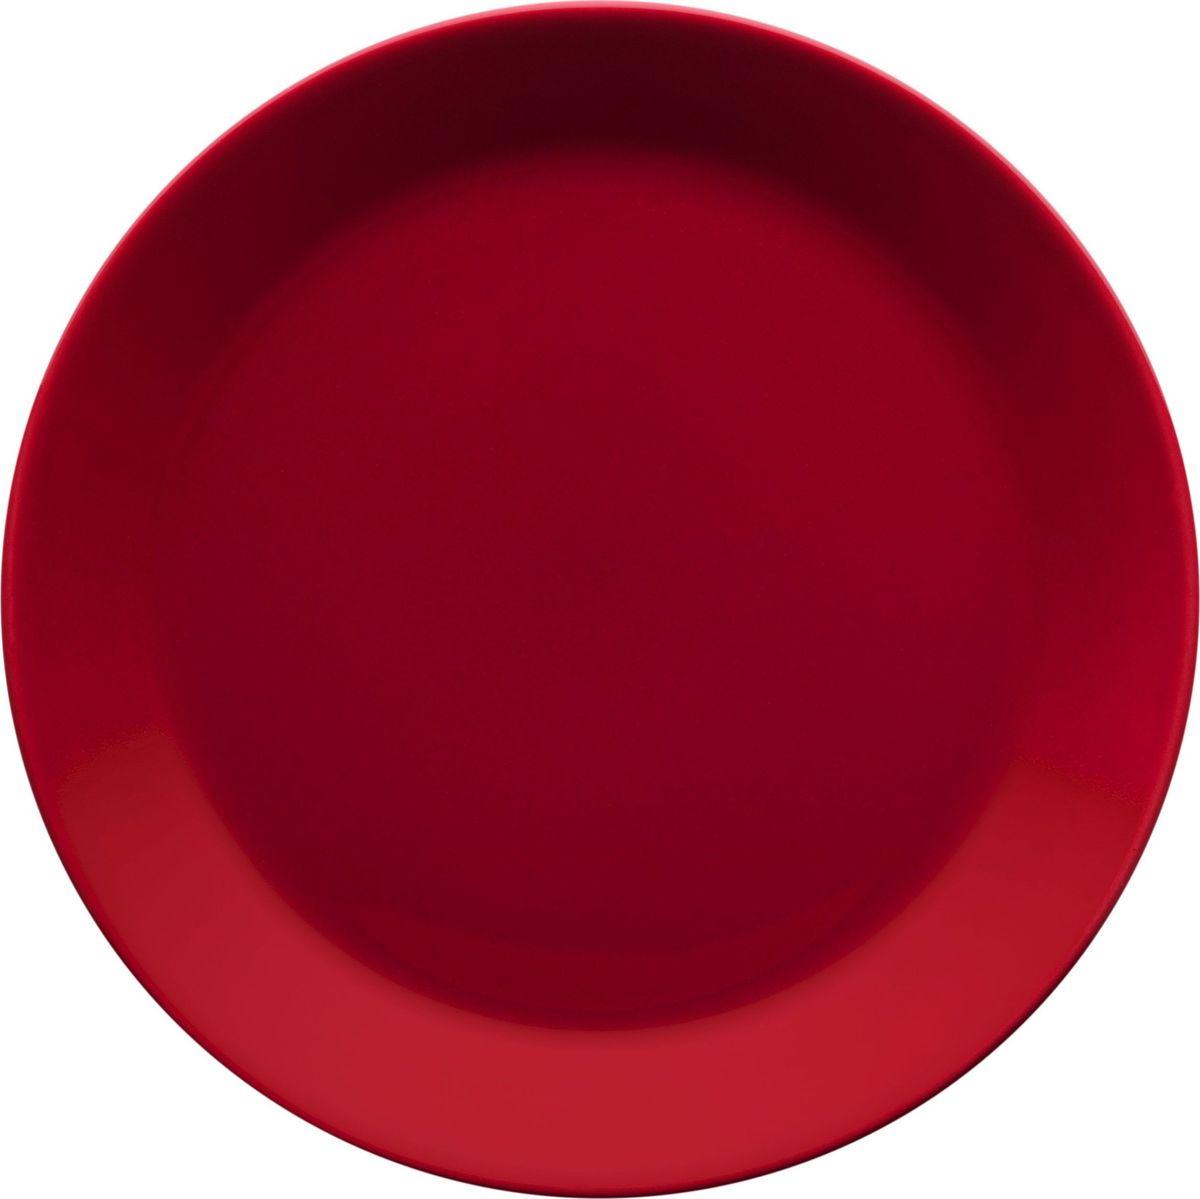 Тарелка Iittala Teema, цвет: красный, диаметр 21 см1006009Teema - это классика дизайна Iittala, каждый продукт имеет чёткие геометрические формы: круг, квадрат и прямоугольник. Как говорит Кай Франк: «Цвет является единственным украшением». Посуда серии Teema является универсальной, её можно комбинировать с любой серией Iittala. Она практична и лаконична.